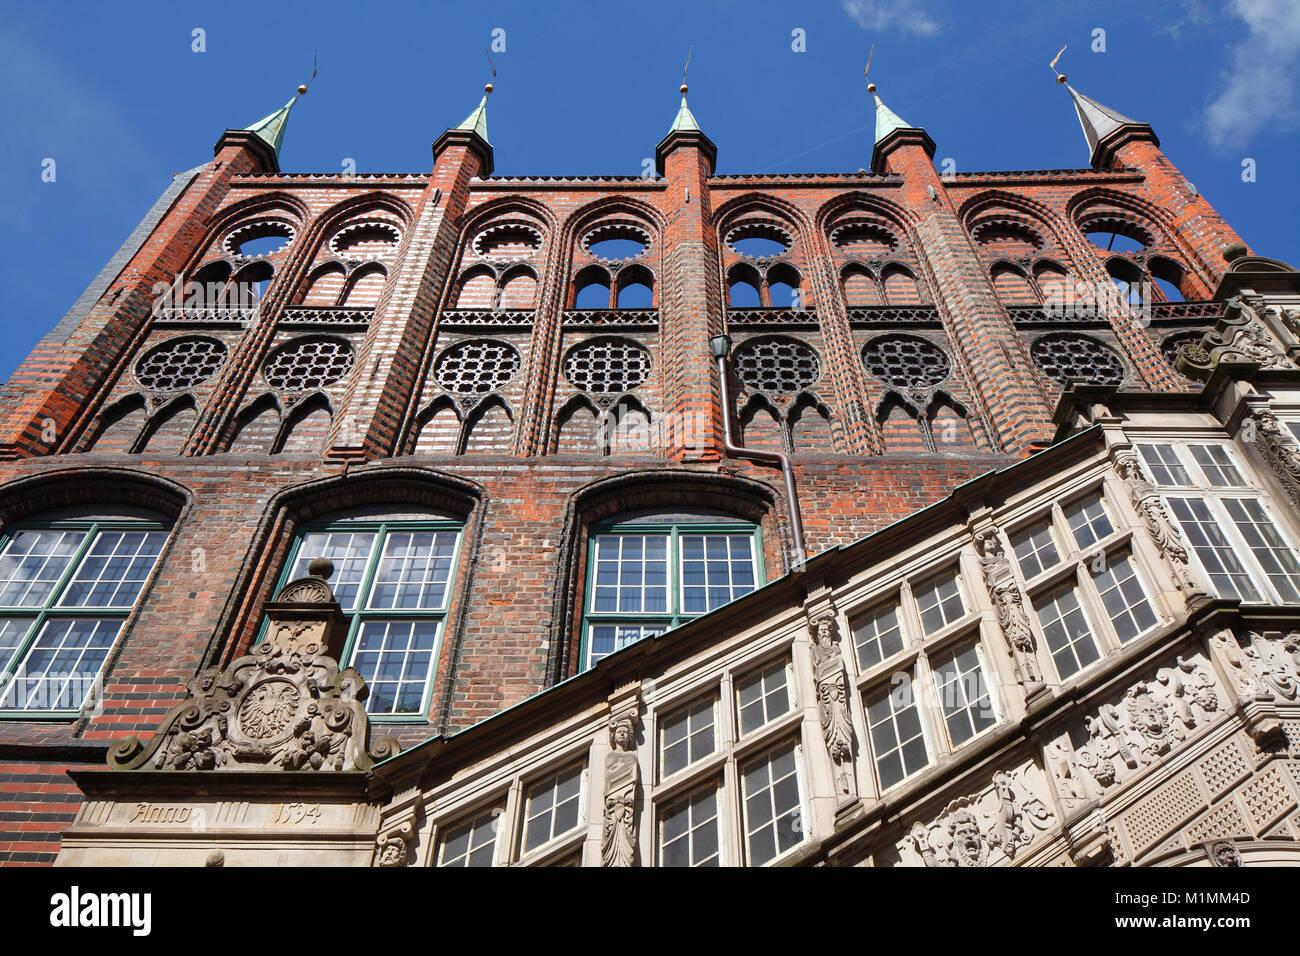 Fassade des alten Rathauses, Lübeck, Schleswig-Holstein, Deutschland, Europa Stockbild